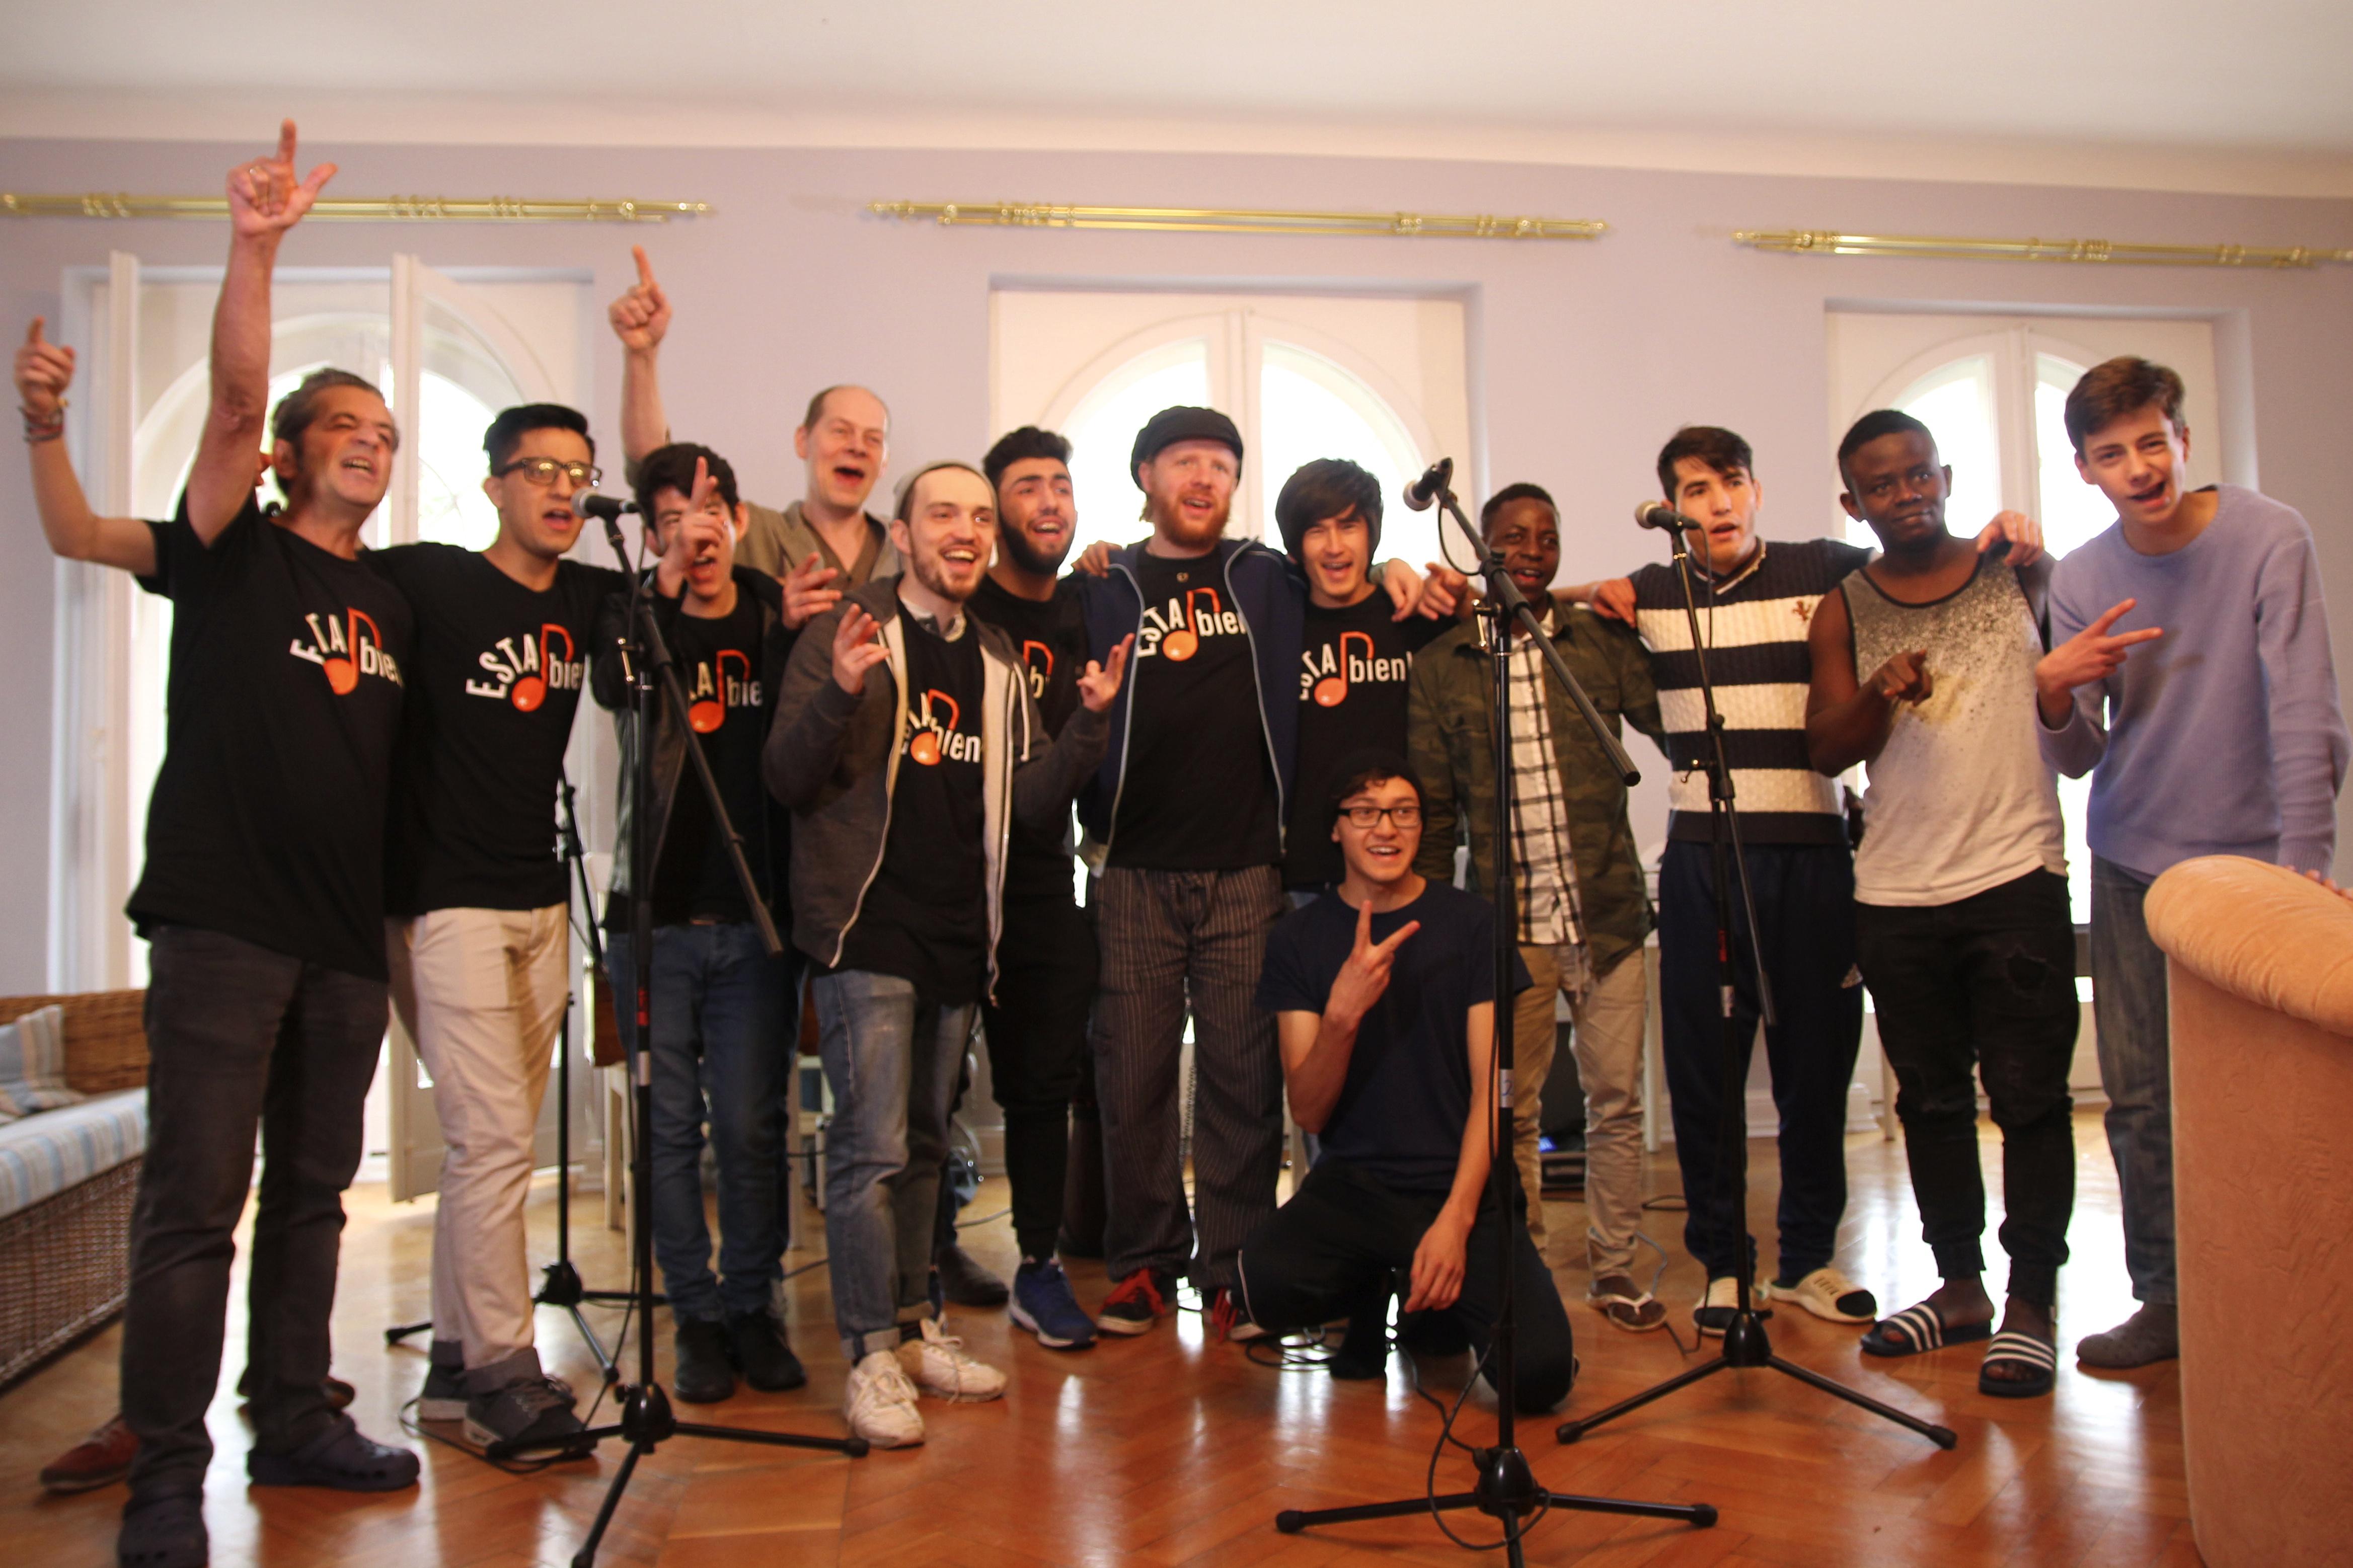 ESTAbeats DJing @ Zirkuszentrum